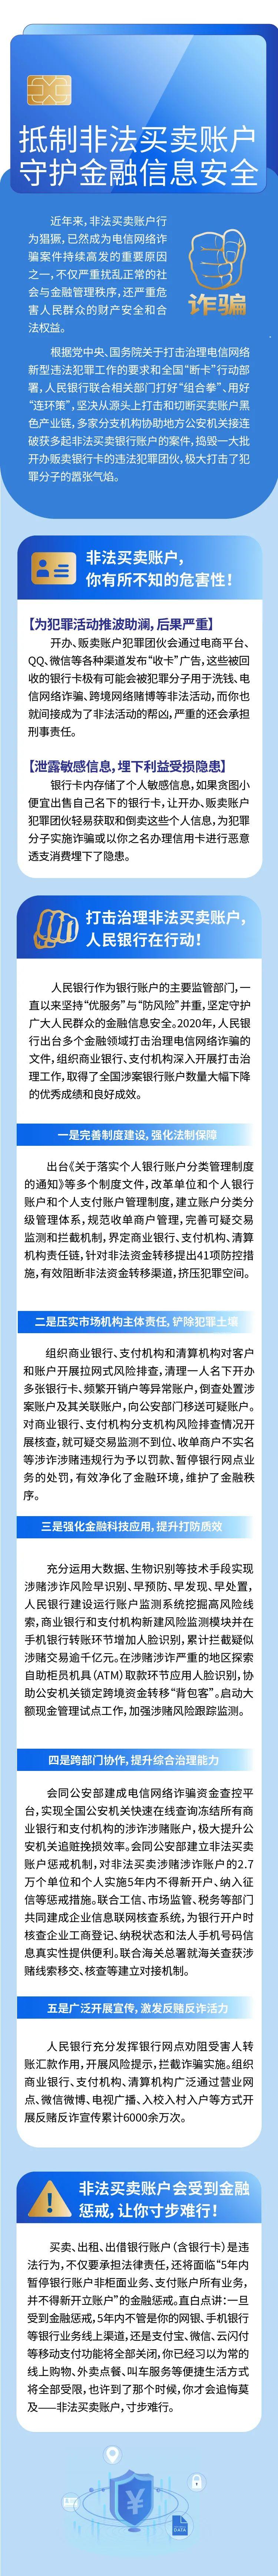 防范打击电信网络新型违法犯罪①:抵制非法买卖账户 守护金融信息安全